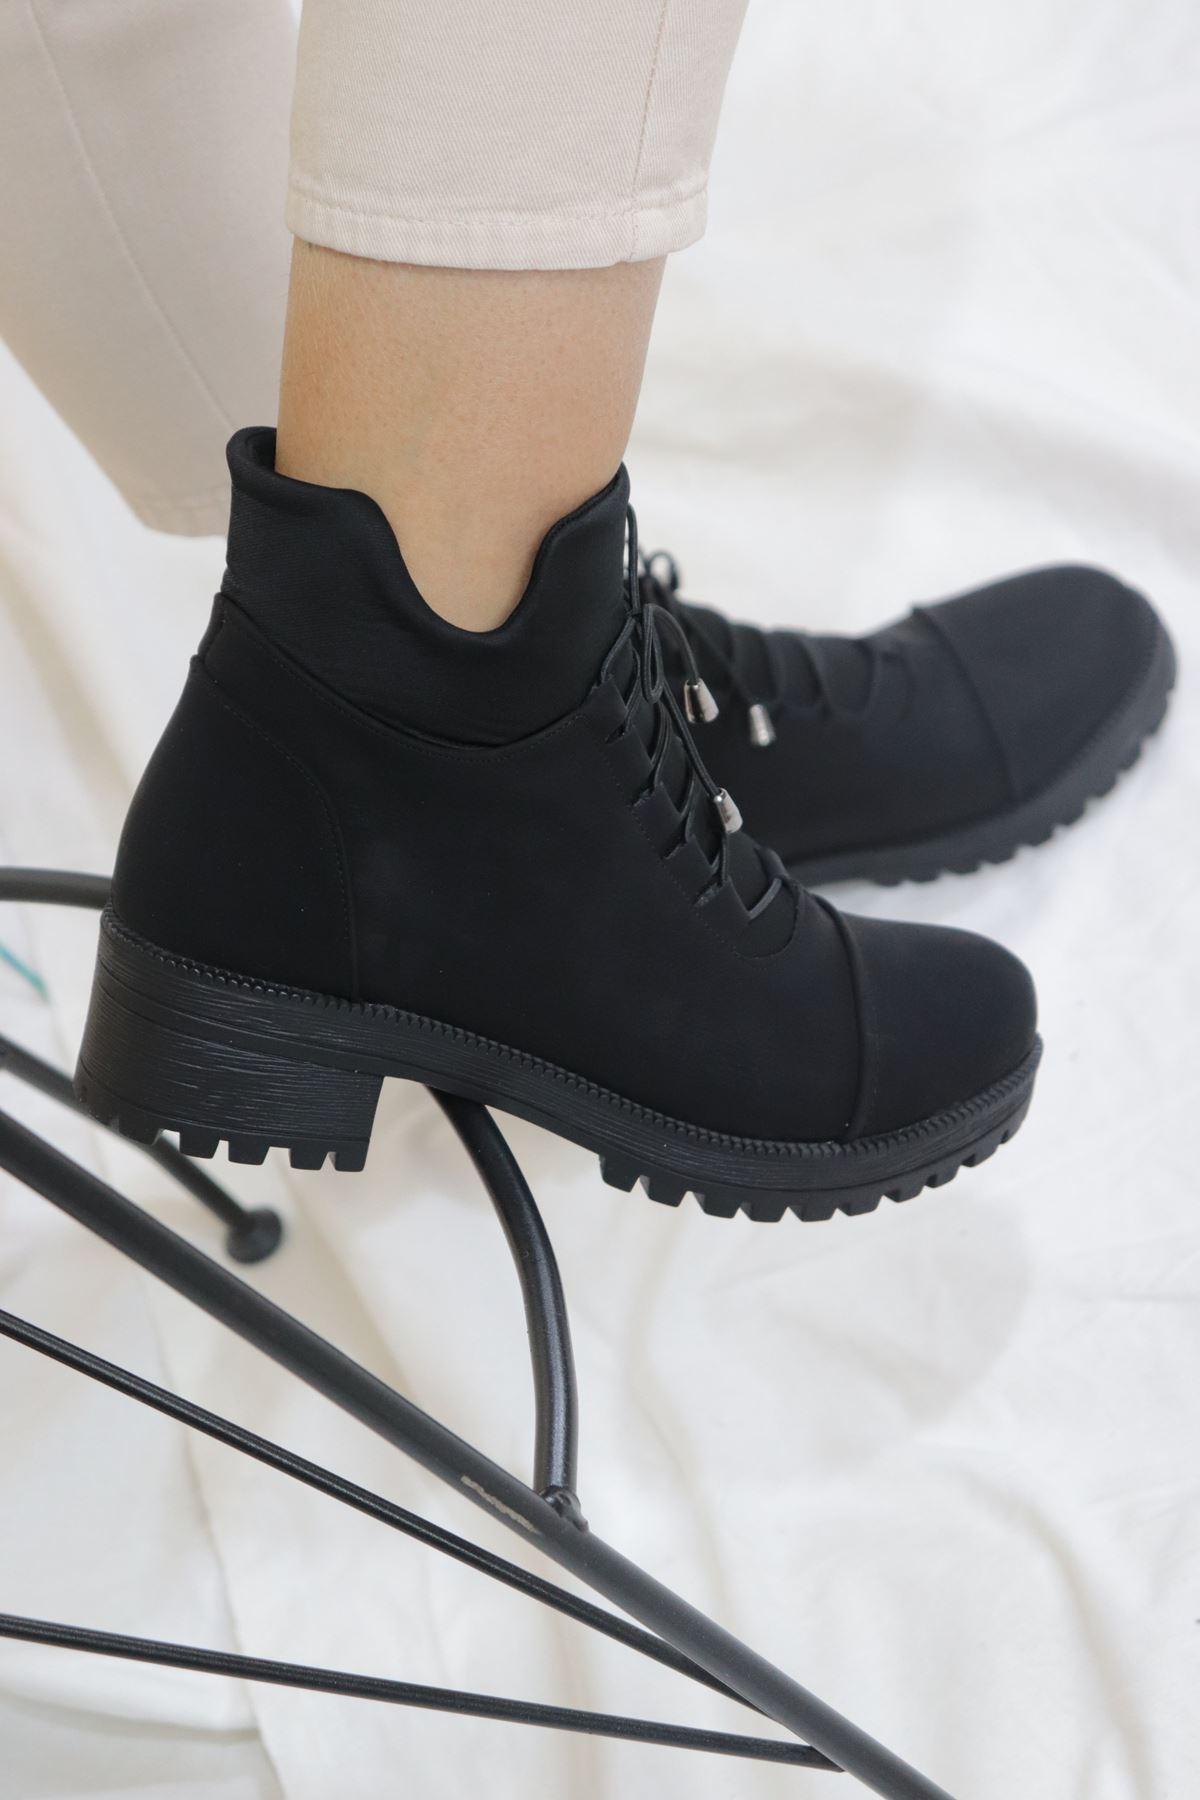 Trendayakkabı - Siyah Bağcık Detaylı Kadın Bot